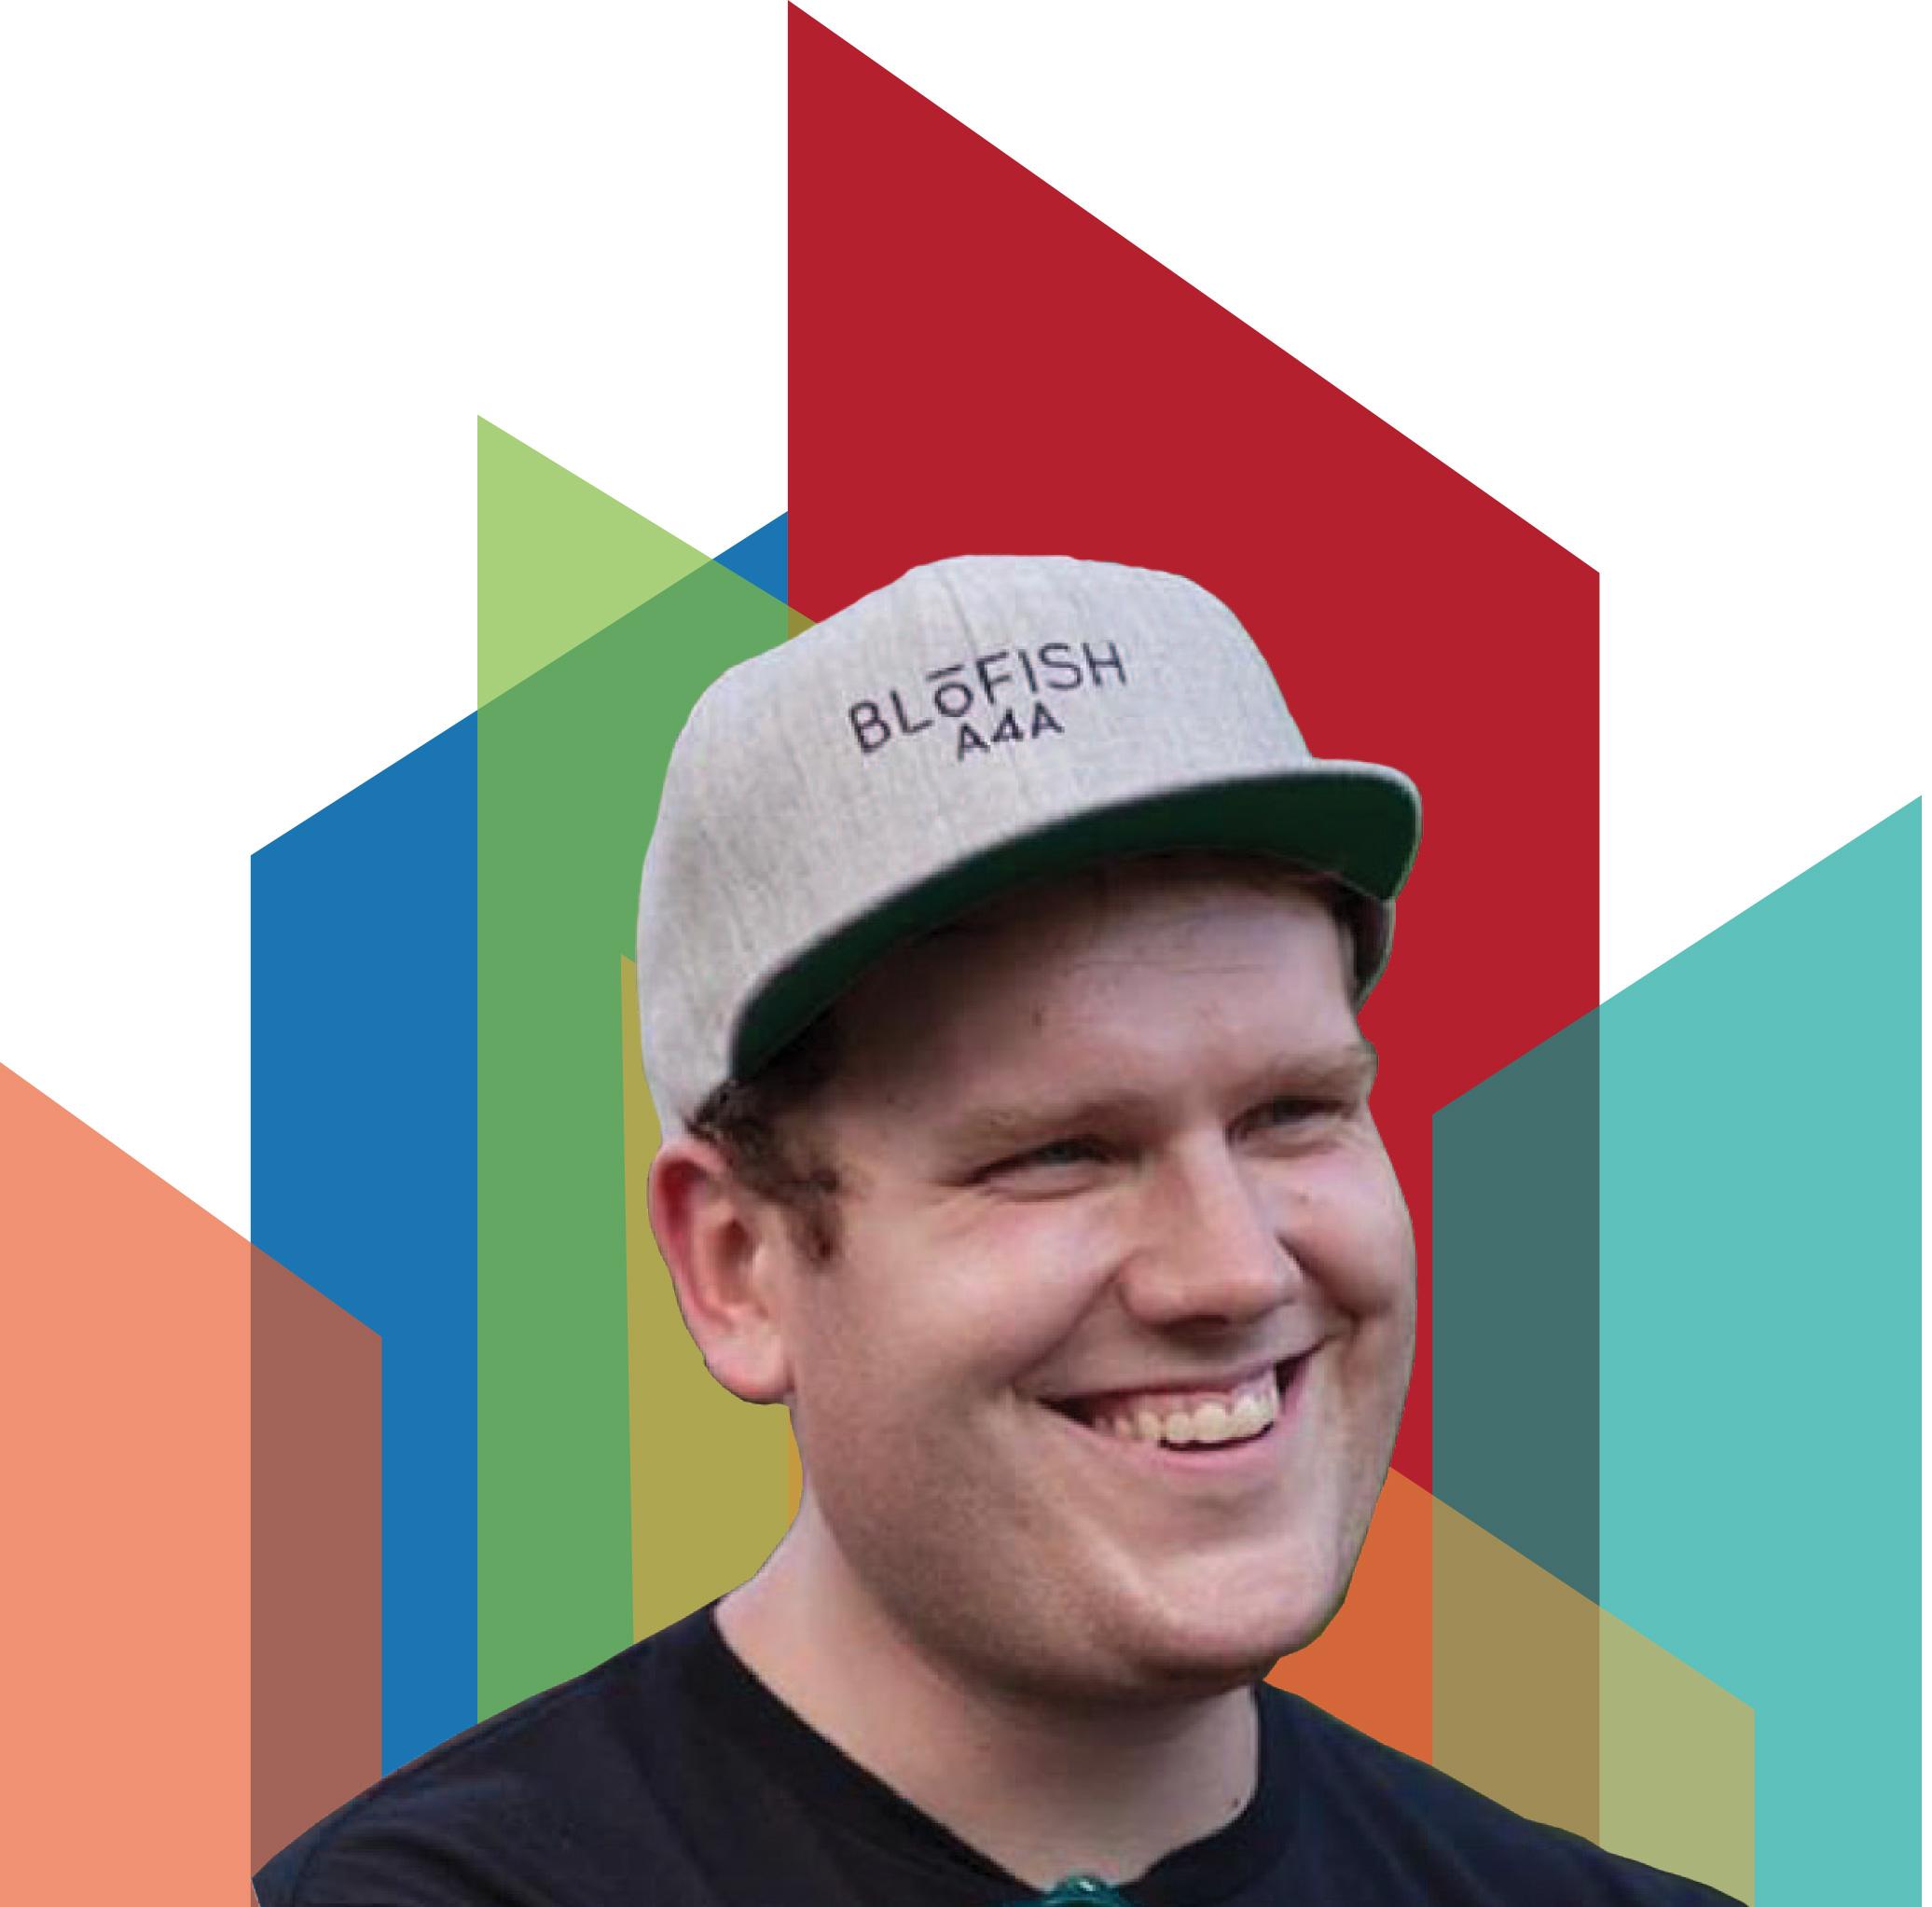 Zach-Meiners-SPEAKER-PAGE.jpg